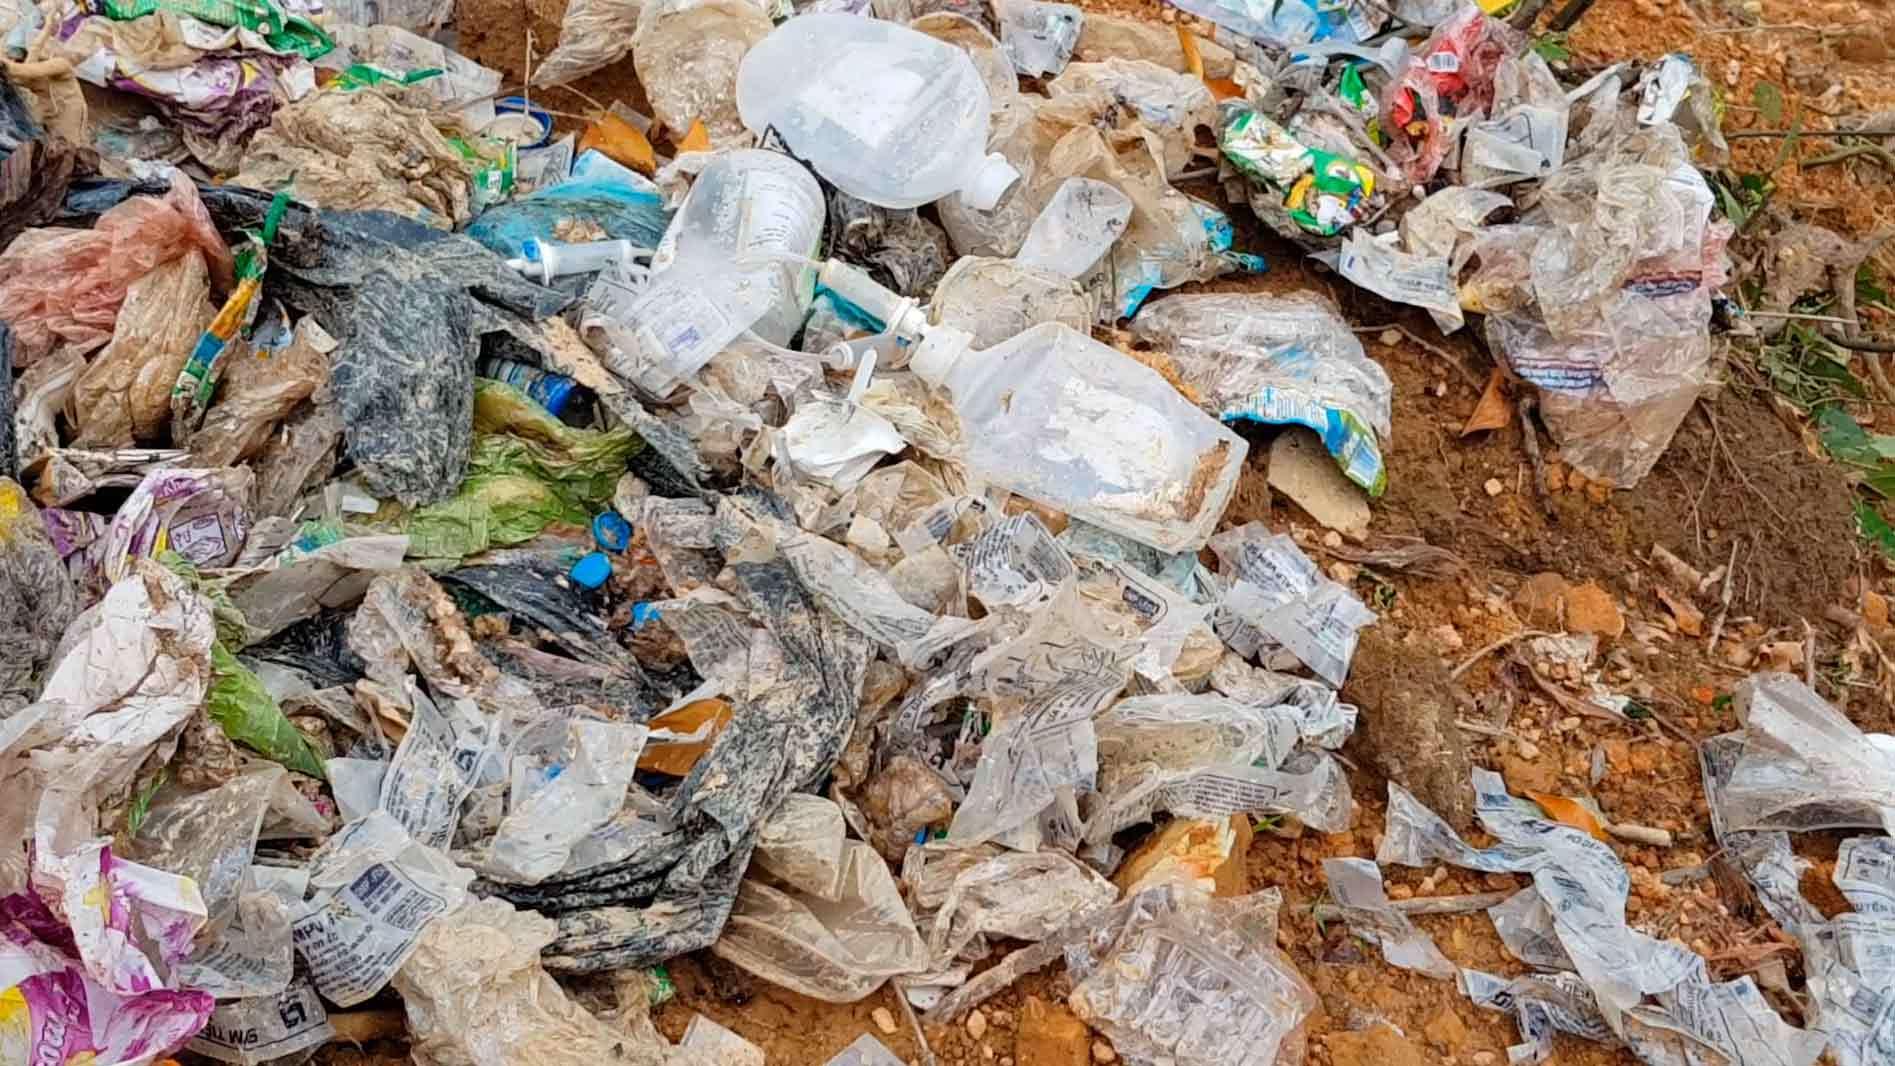 rác thải y tế, rác thải, Hà Tĩnh, ô nhiễm môi trường